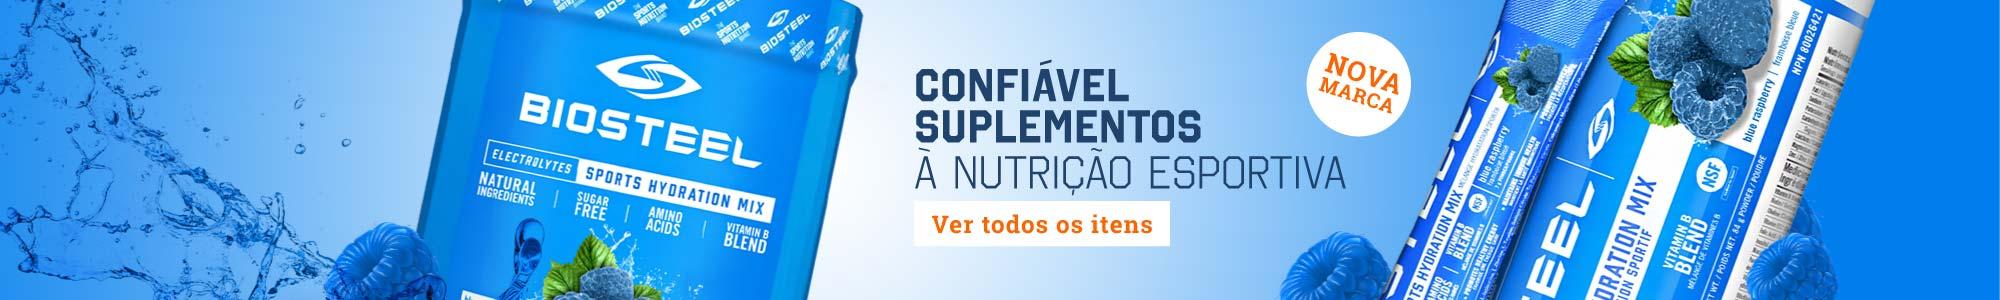 BIOSTEEL - NOVA MARCA Confiável Suplementos à nutrição esportiva - Ver todos os itens